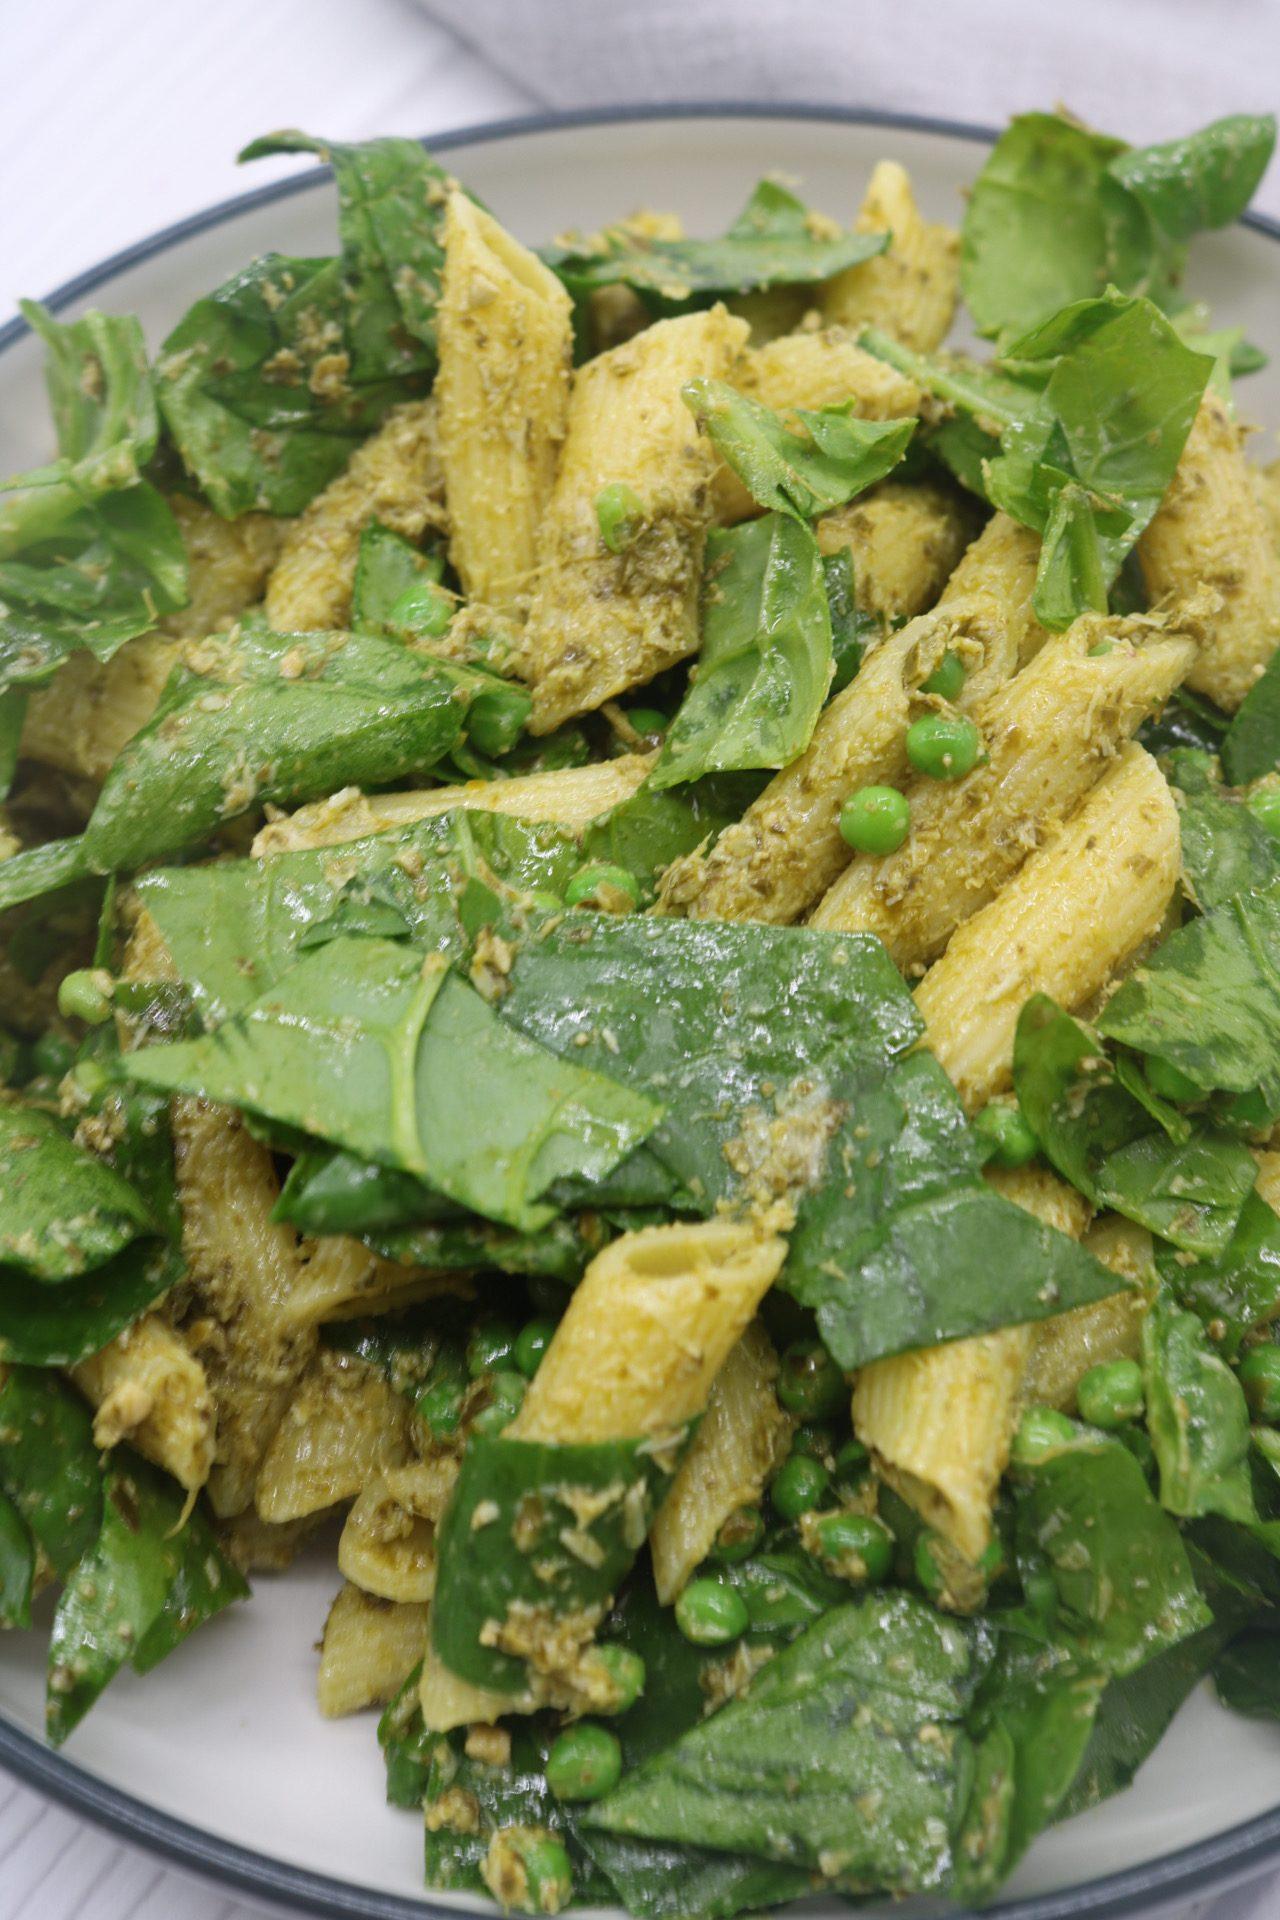 Pesto, Peas and Spinach Pasta Salad, Pesto, Peas and Spinach Pasta Salad